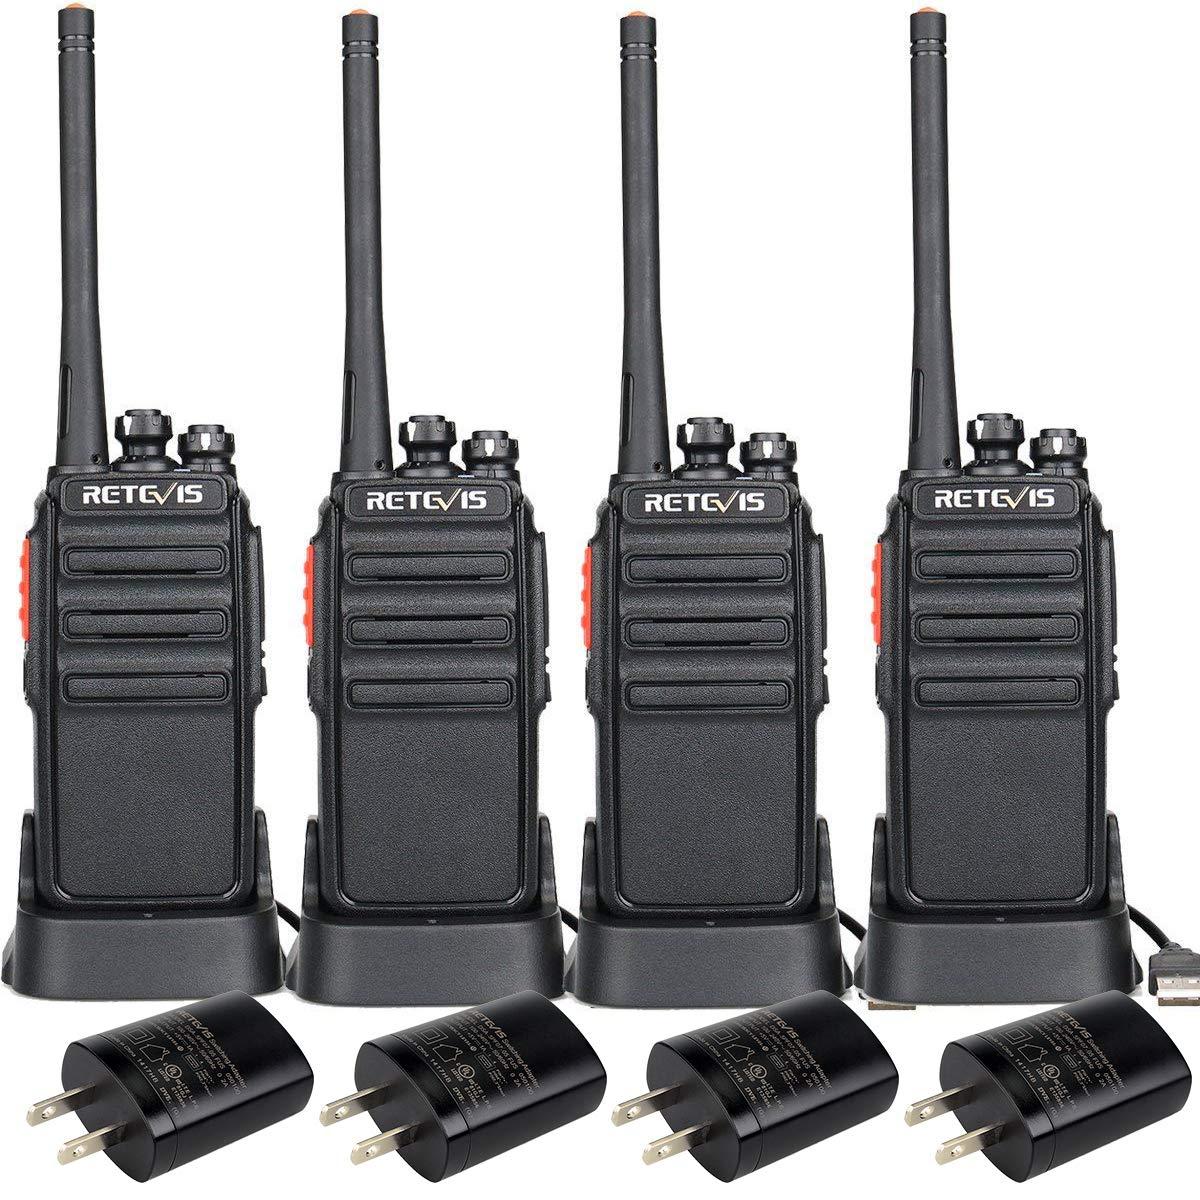 Amazon.com: Retevis h777s radios de dos vías licence-free ...